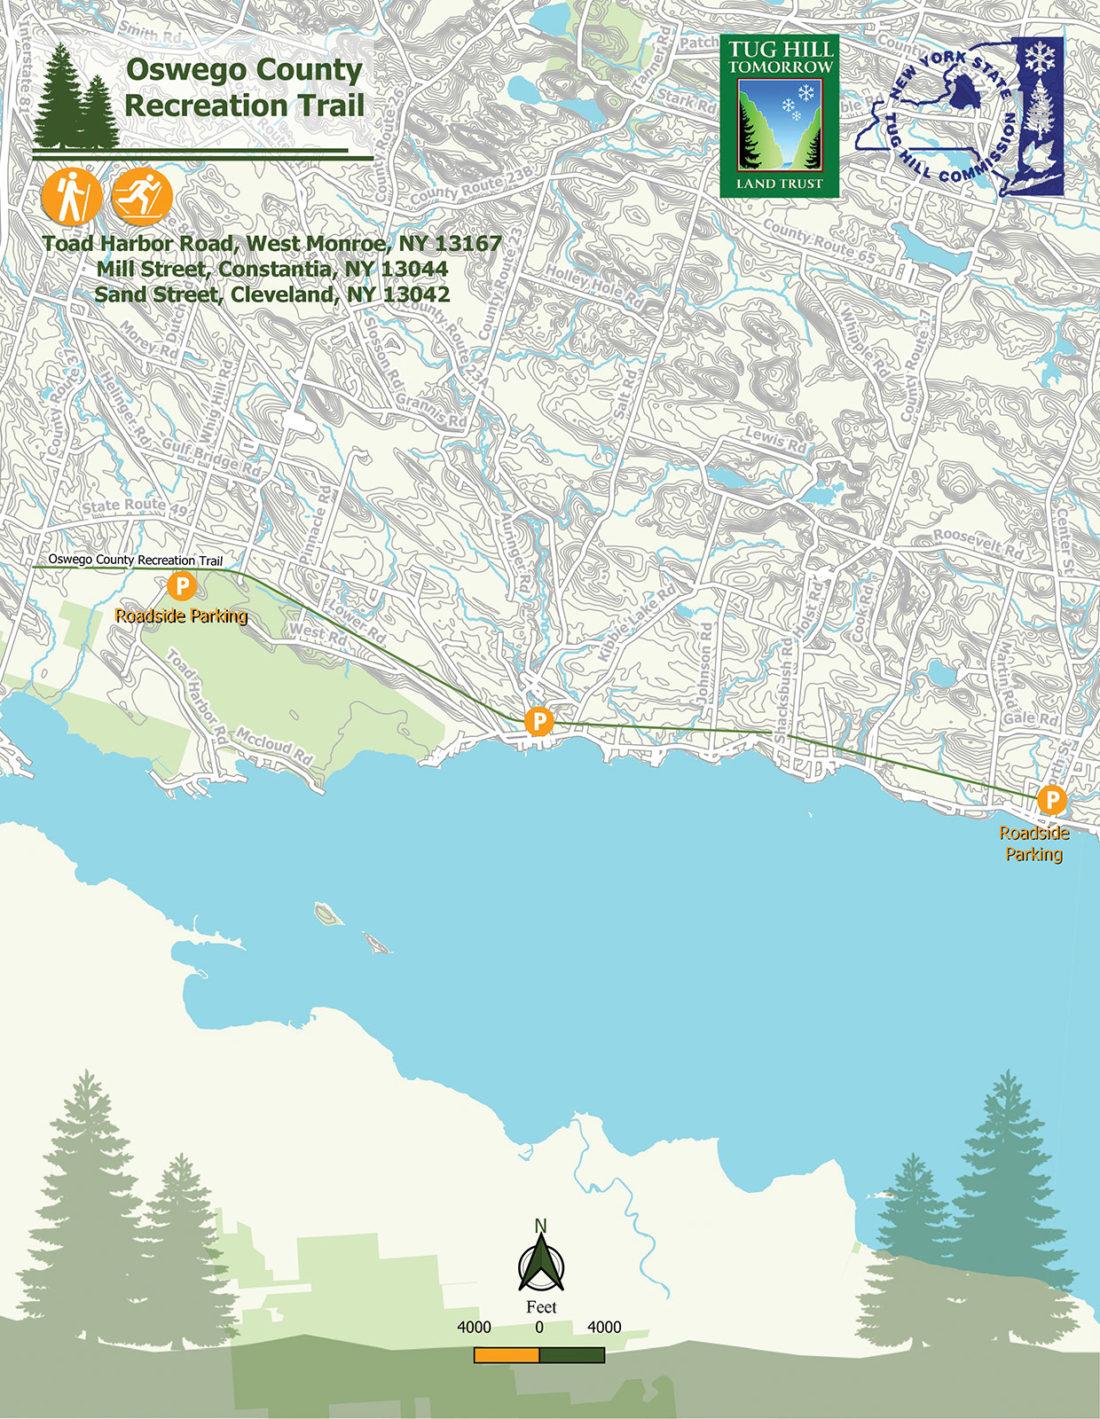 Oswego County Recreation Trail